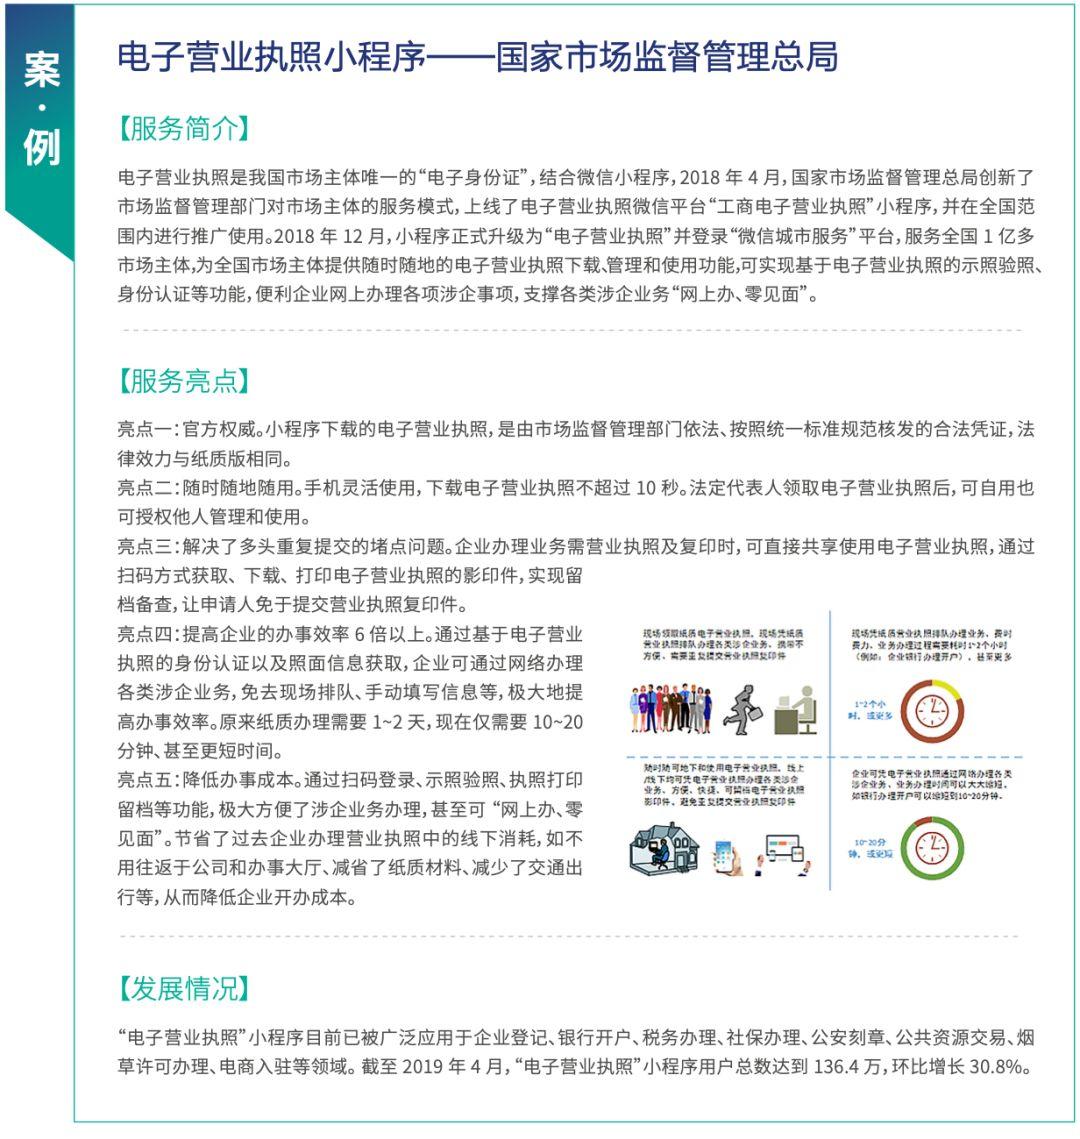 2019我国经济发展gdp_2019中国 西安 数字经济创新创业高峰论坛25日召开